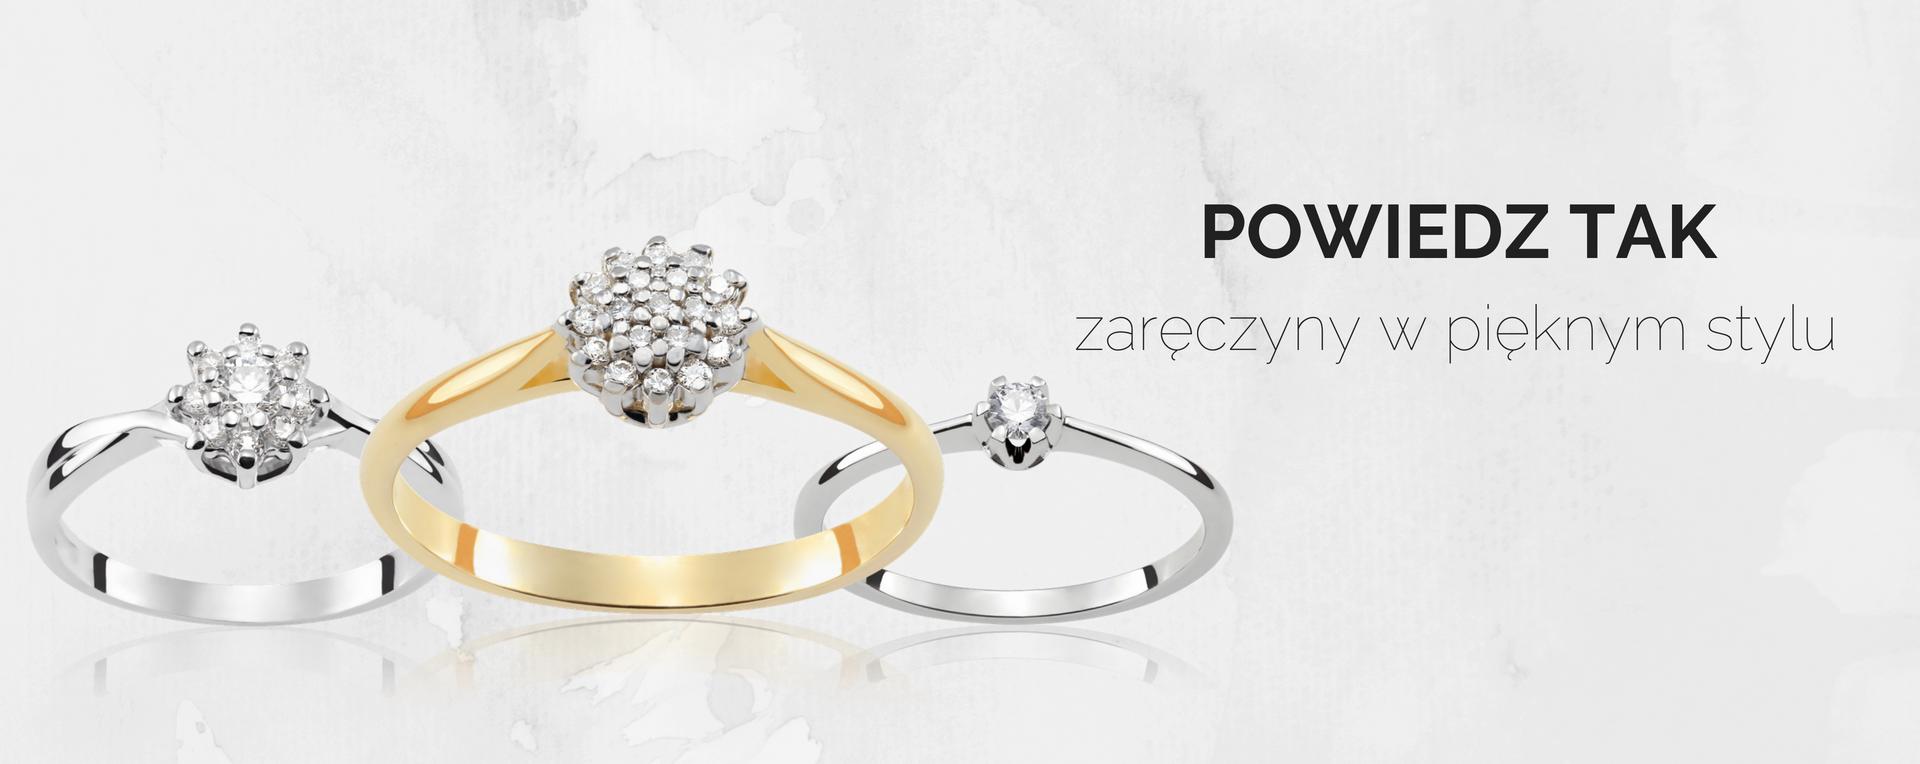 a925f0cfc7b64b Biżuteria złota i srebrna, wysoka jakość - sklep jubilerski online ...